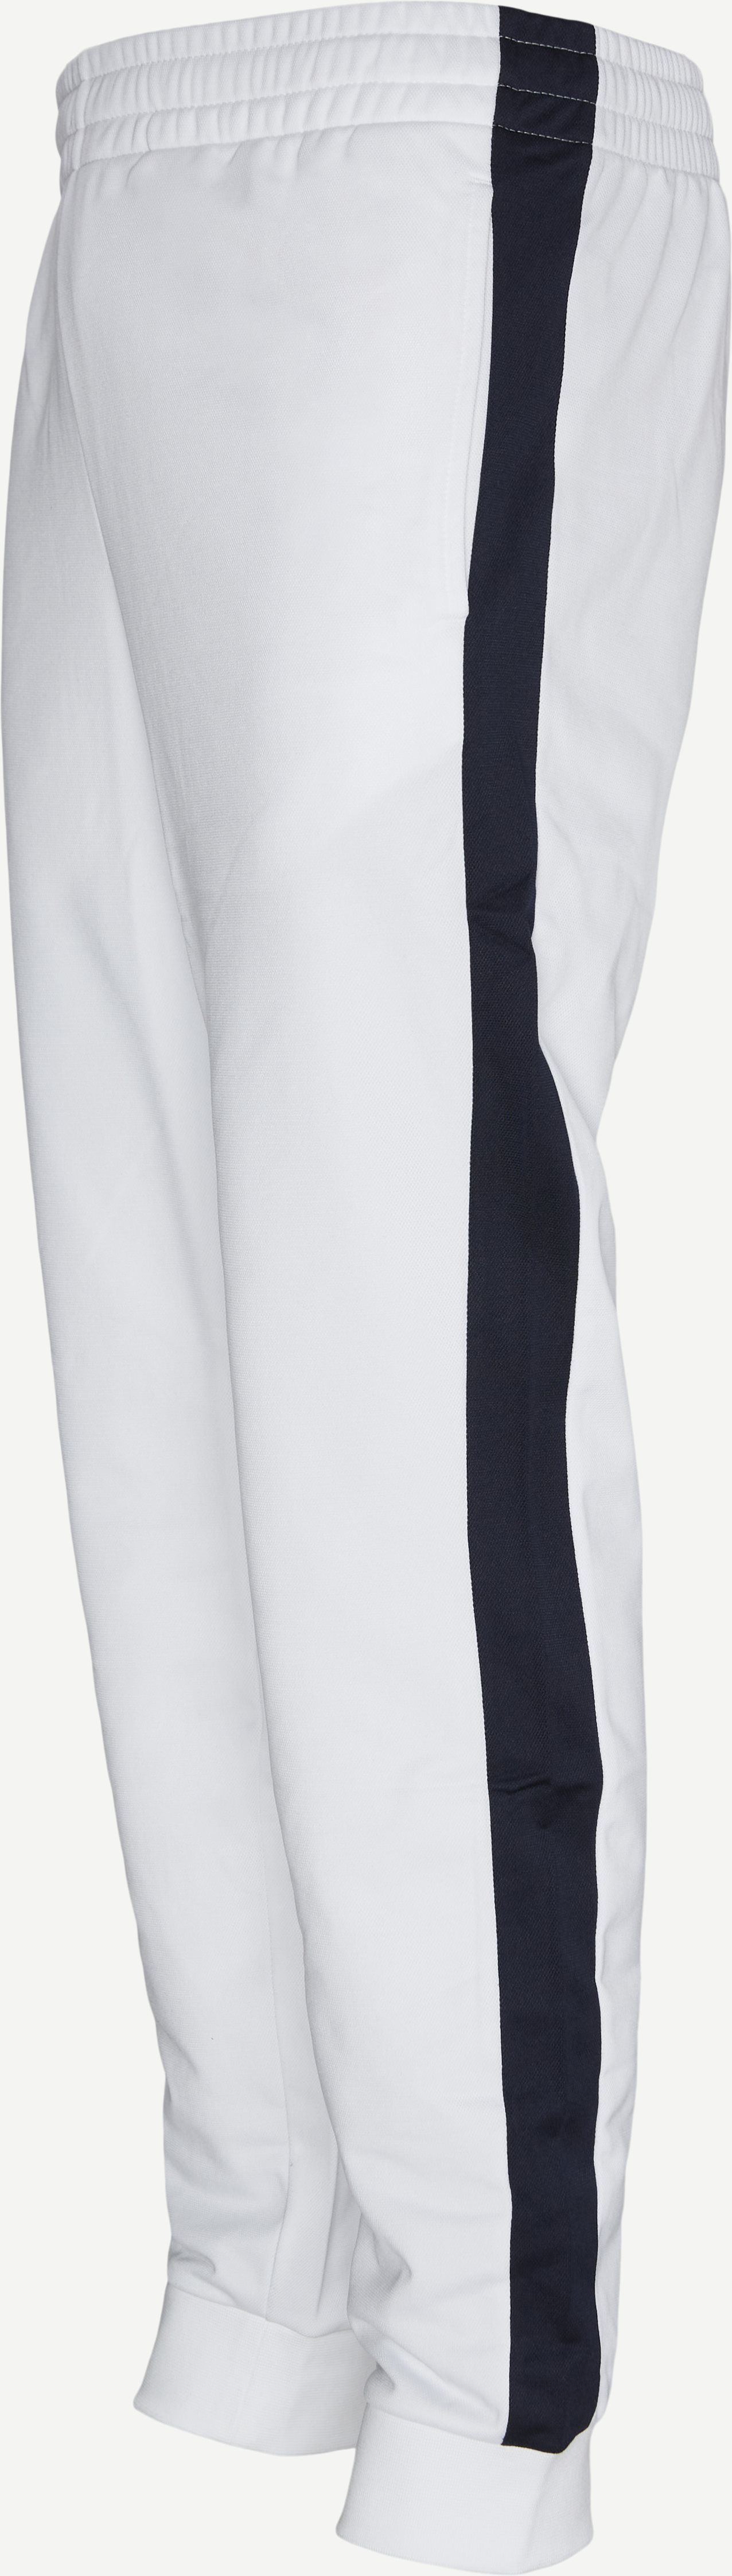 Hosen - Weiß